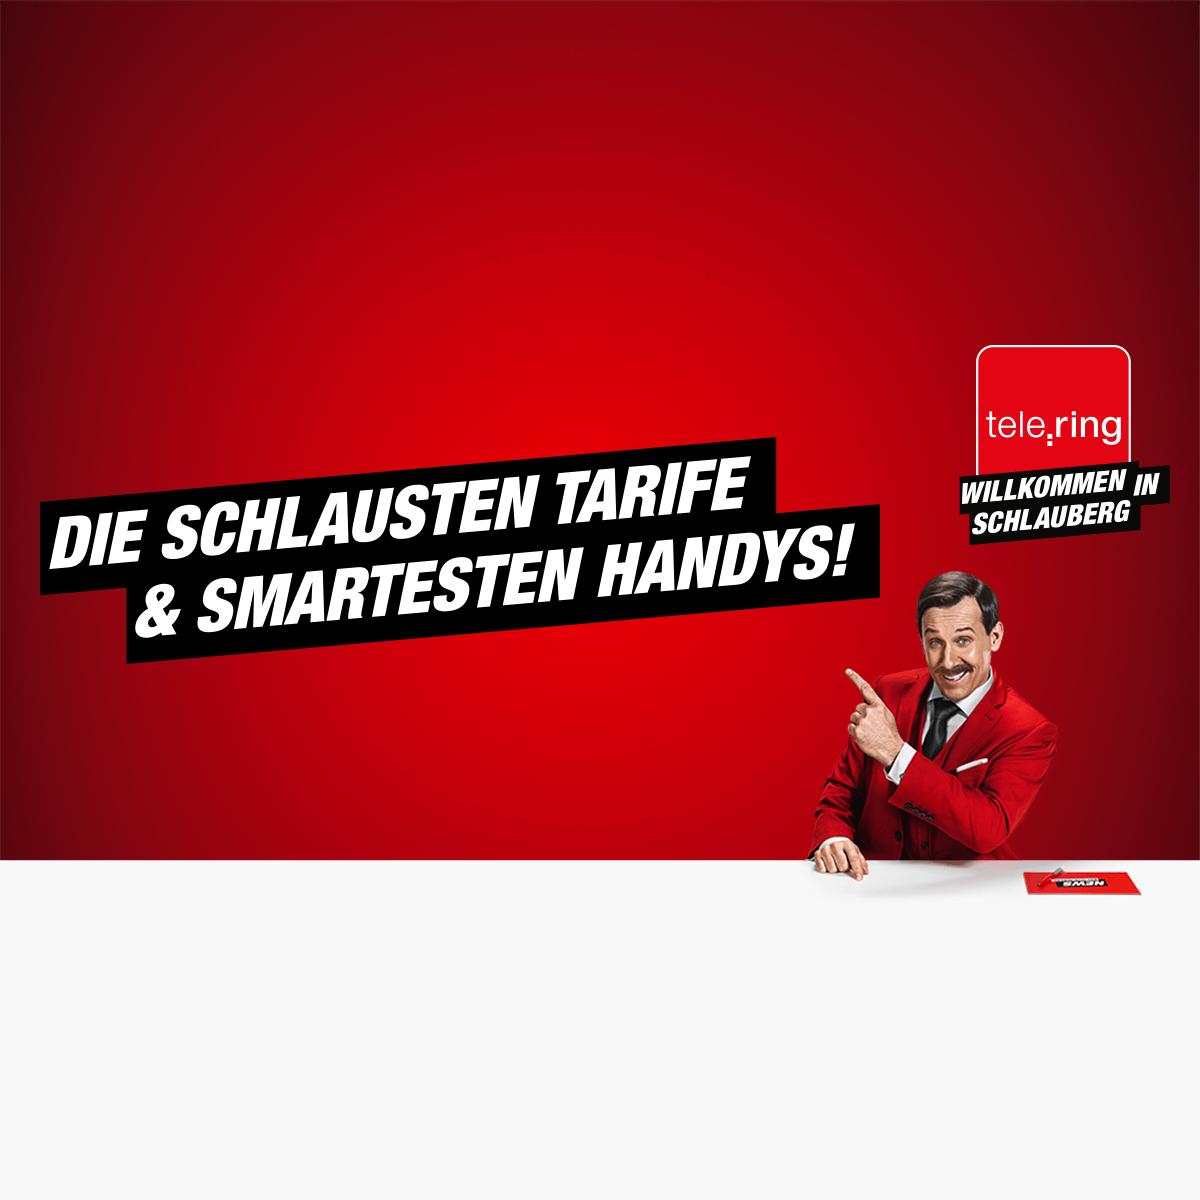 TELERING: -20 % auf die Grundgebühr im Tarif Schlaue Kombi Mini & Maxi, Gratis Aktivierung, Nur Online